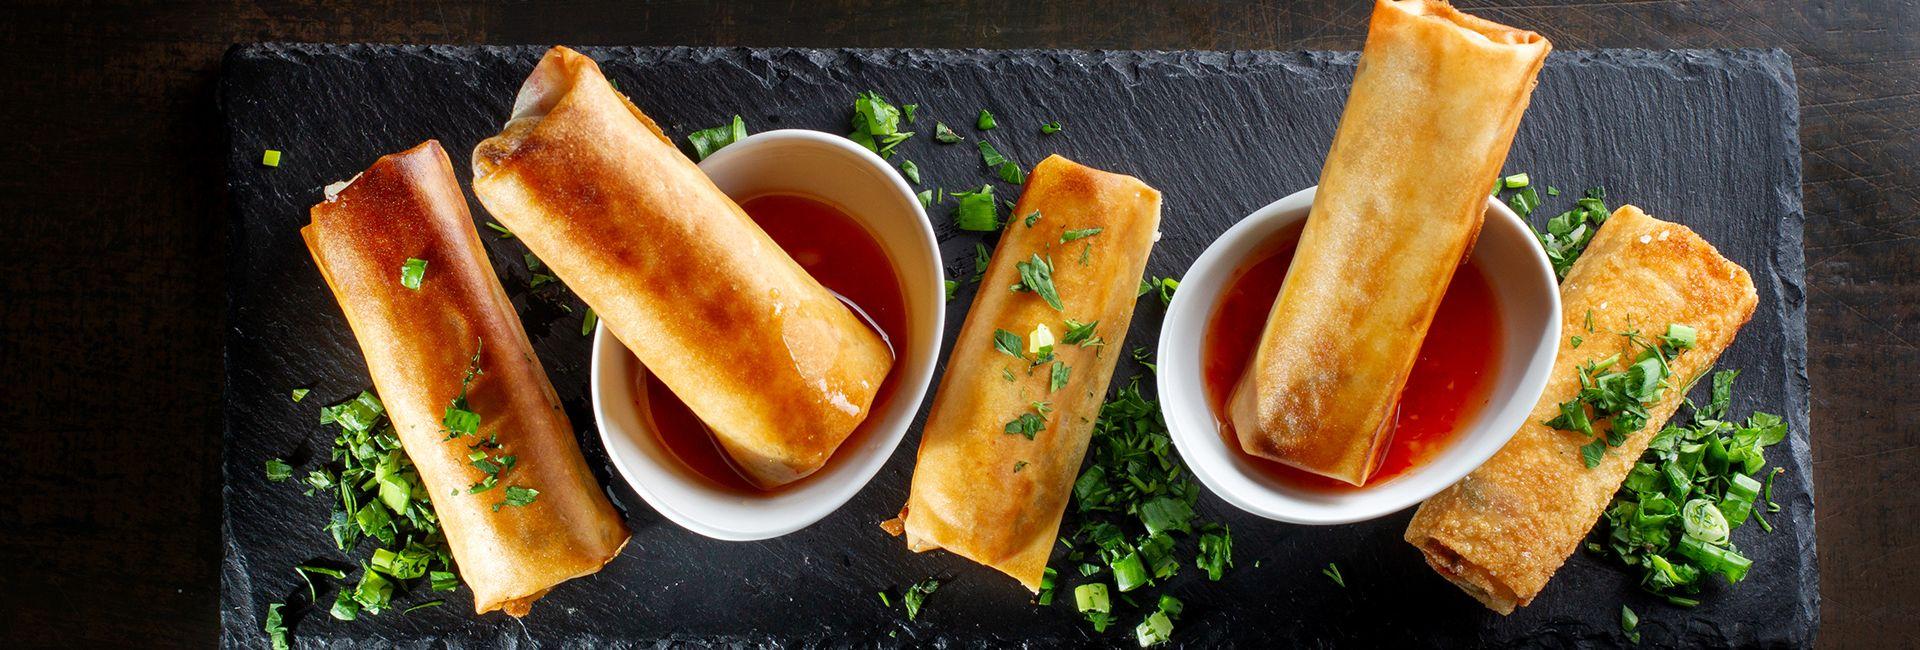 Ram cuốn cải - hương vị lạ của ẩm thực Đà Nẵng